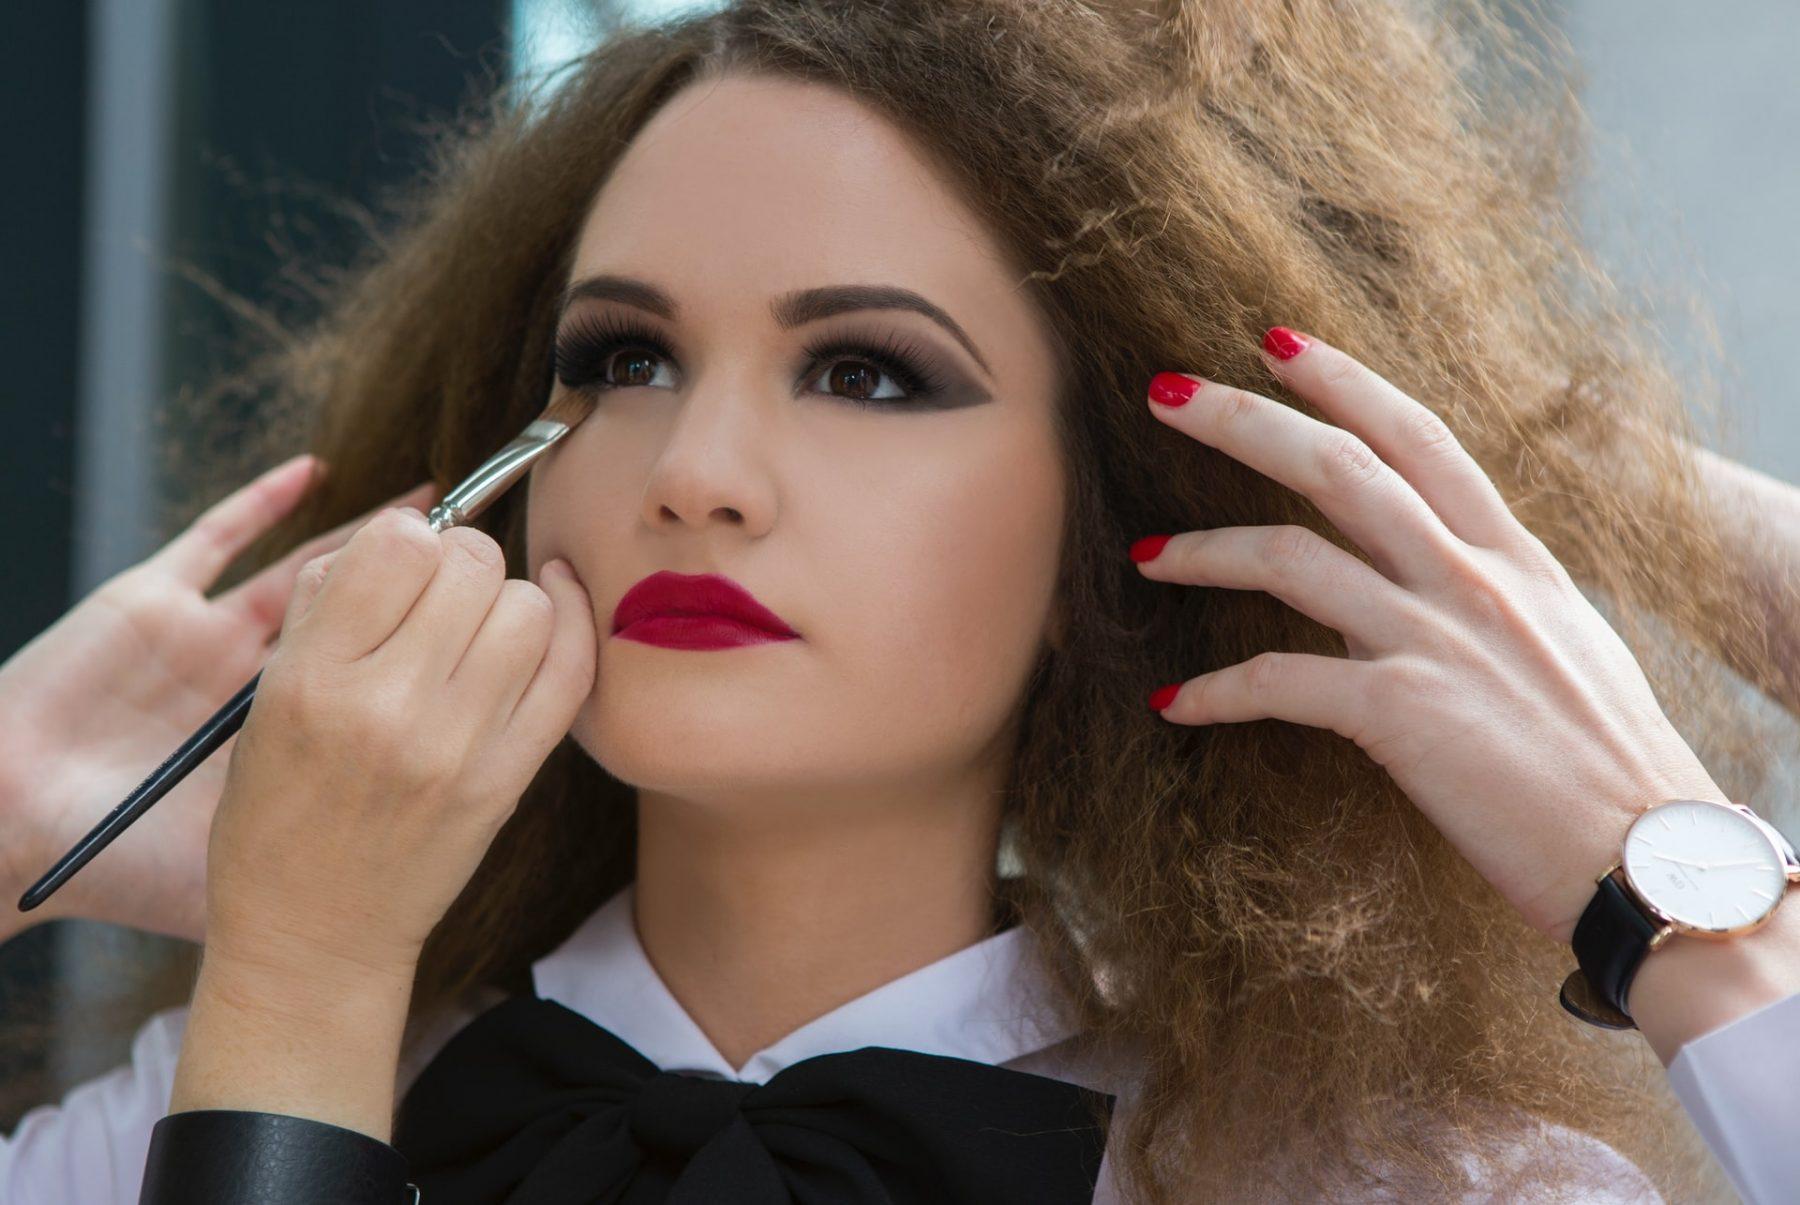 Μακιγιάζ διάρκεια ζωής: Μάθετε πώς να κάνετε τα προϊόντα μακιγιάζ να κρατούν περισσότερο